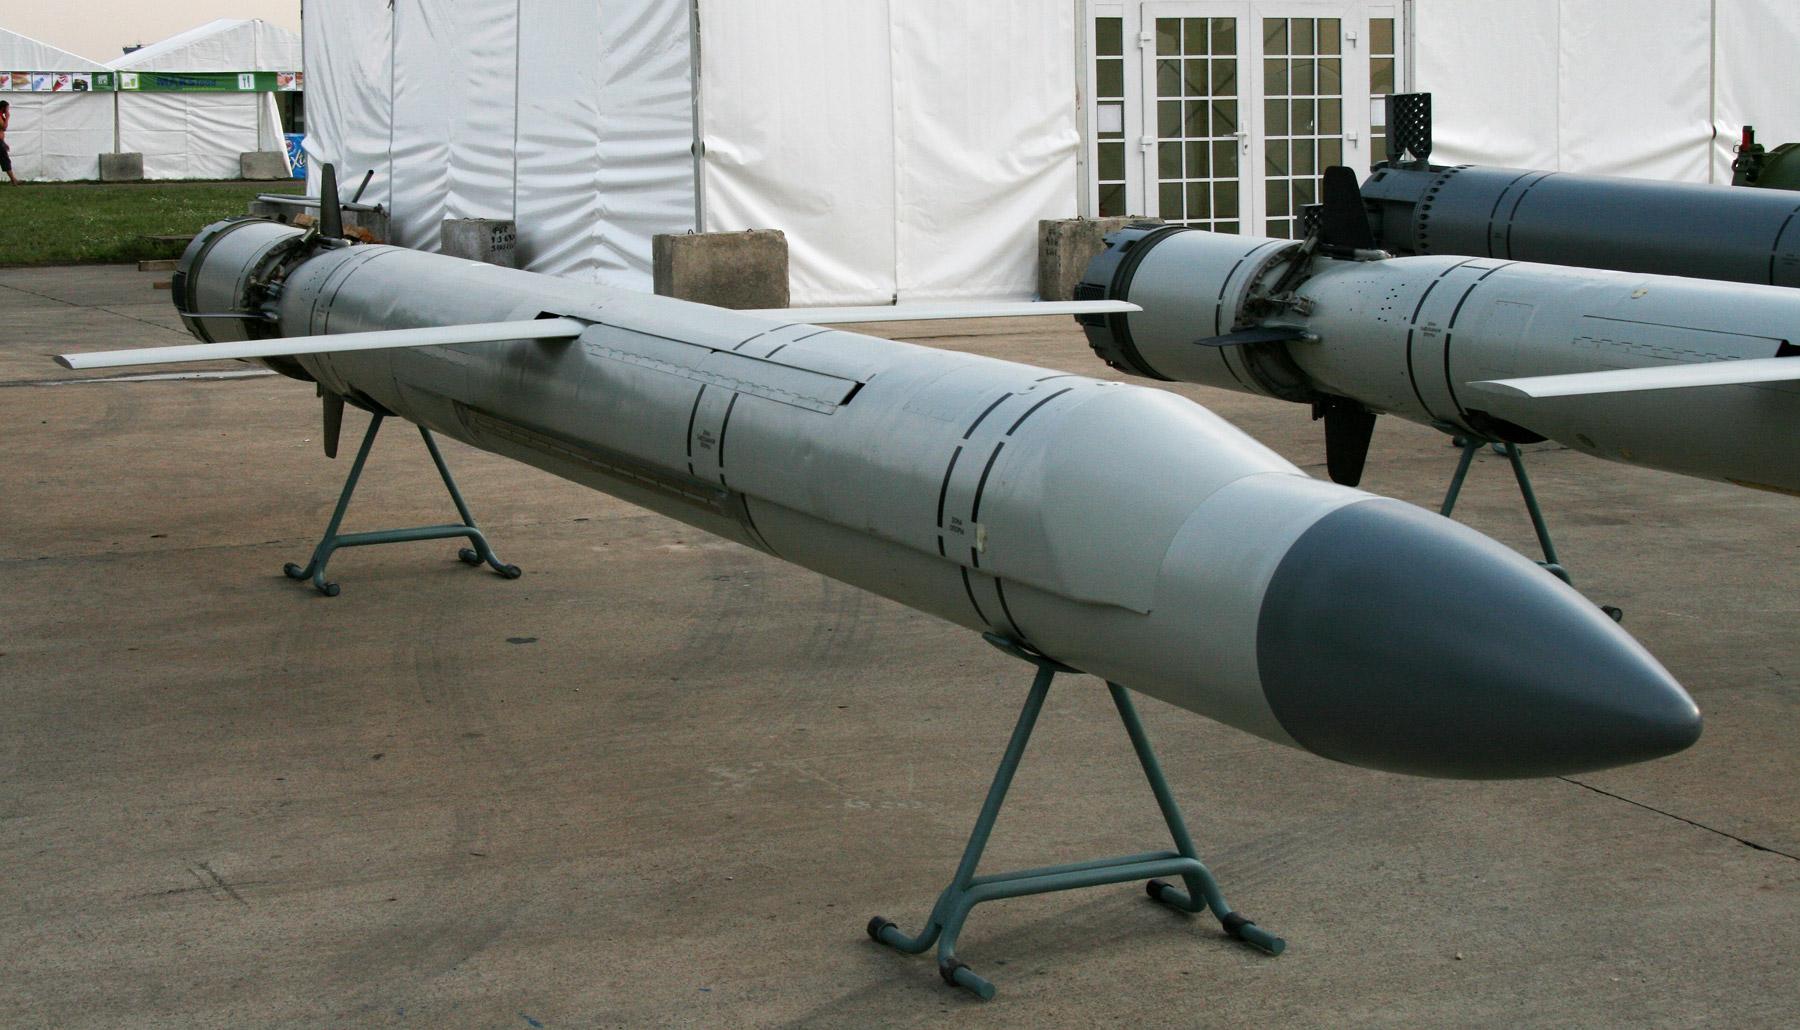 Комплекс к с калибр ракеты м м ss n ss n sizzler